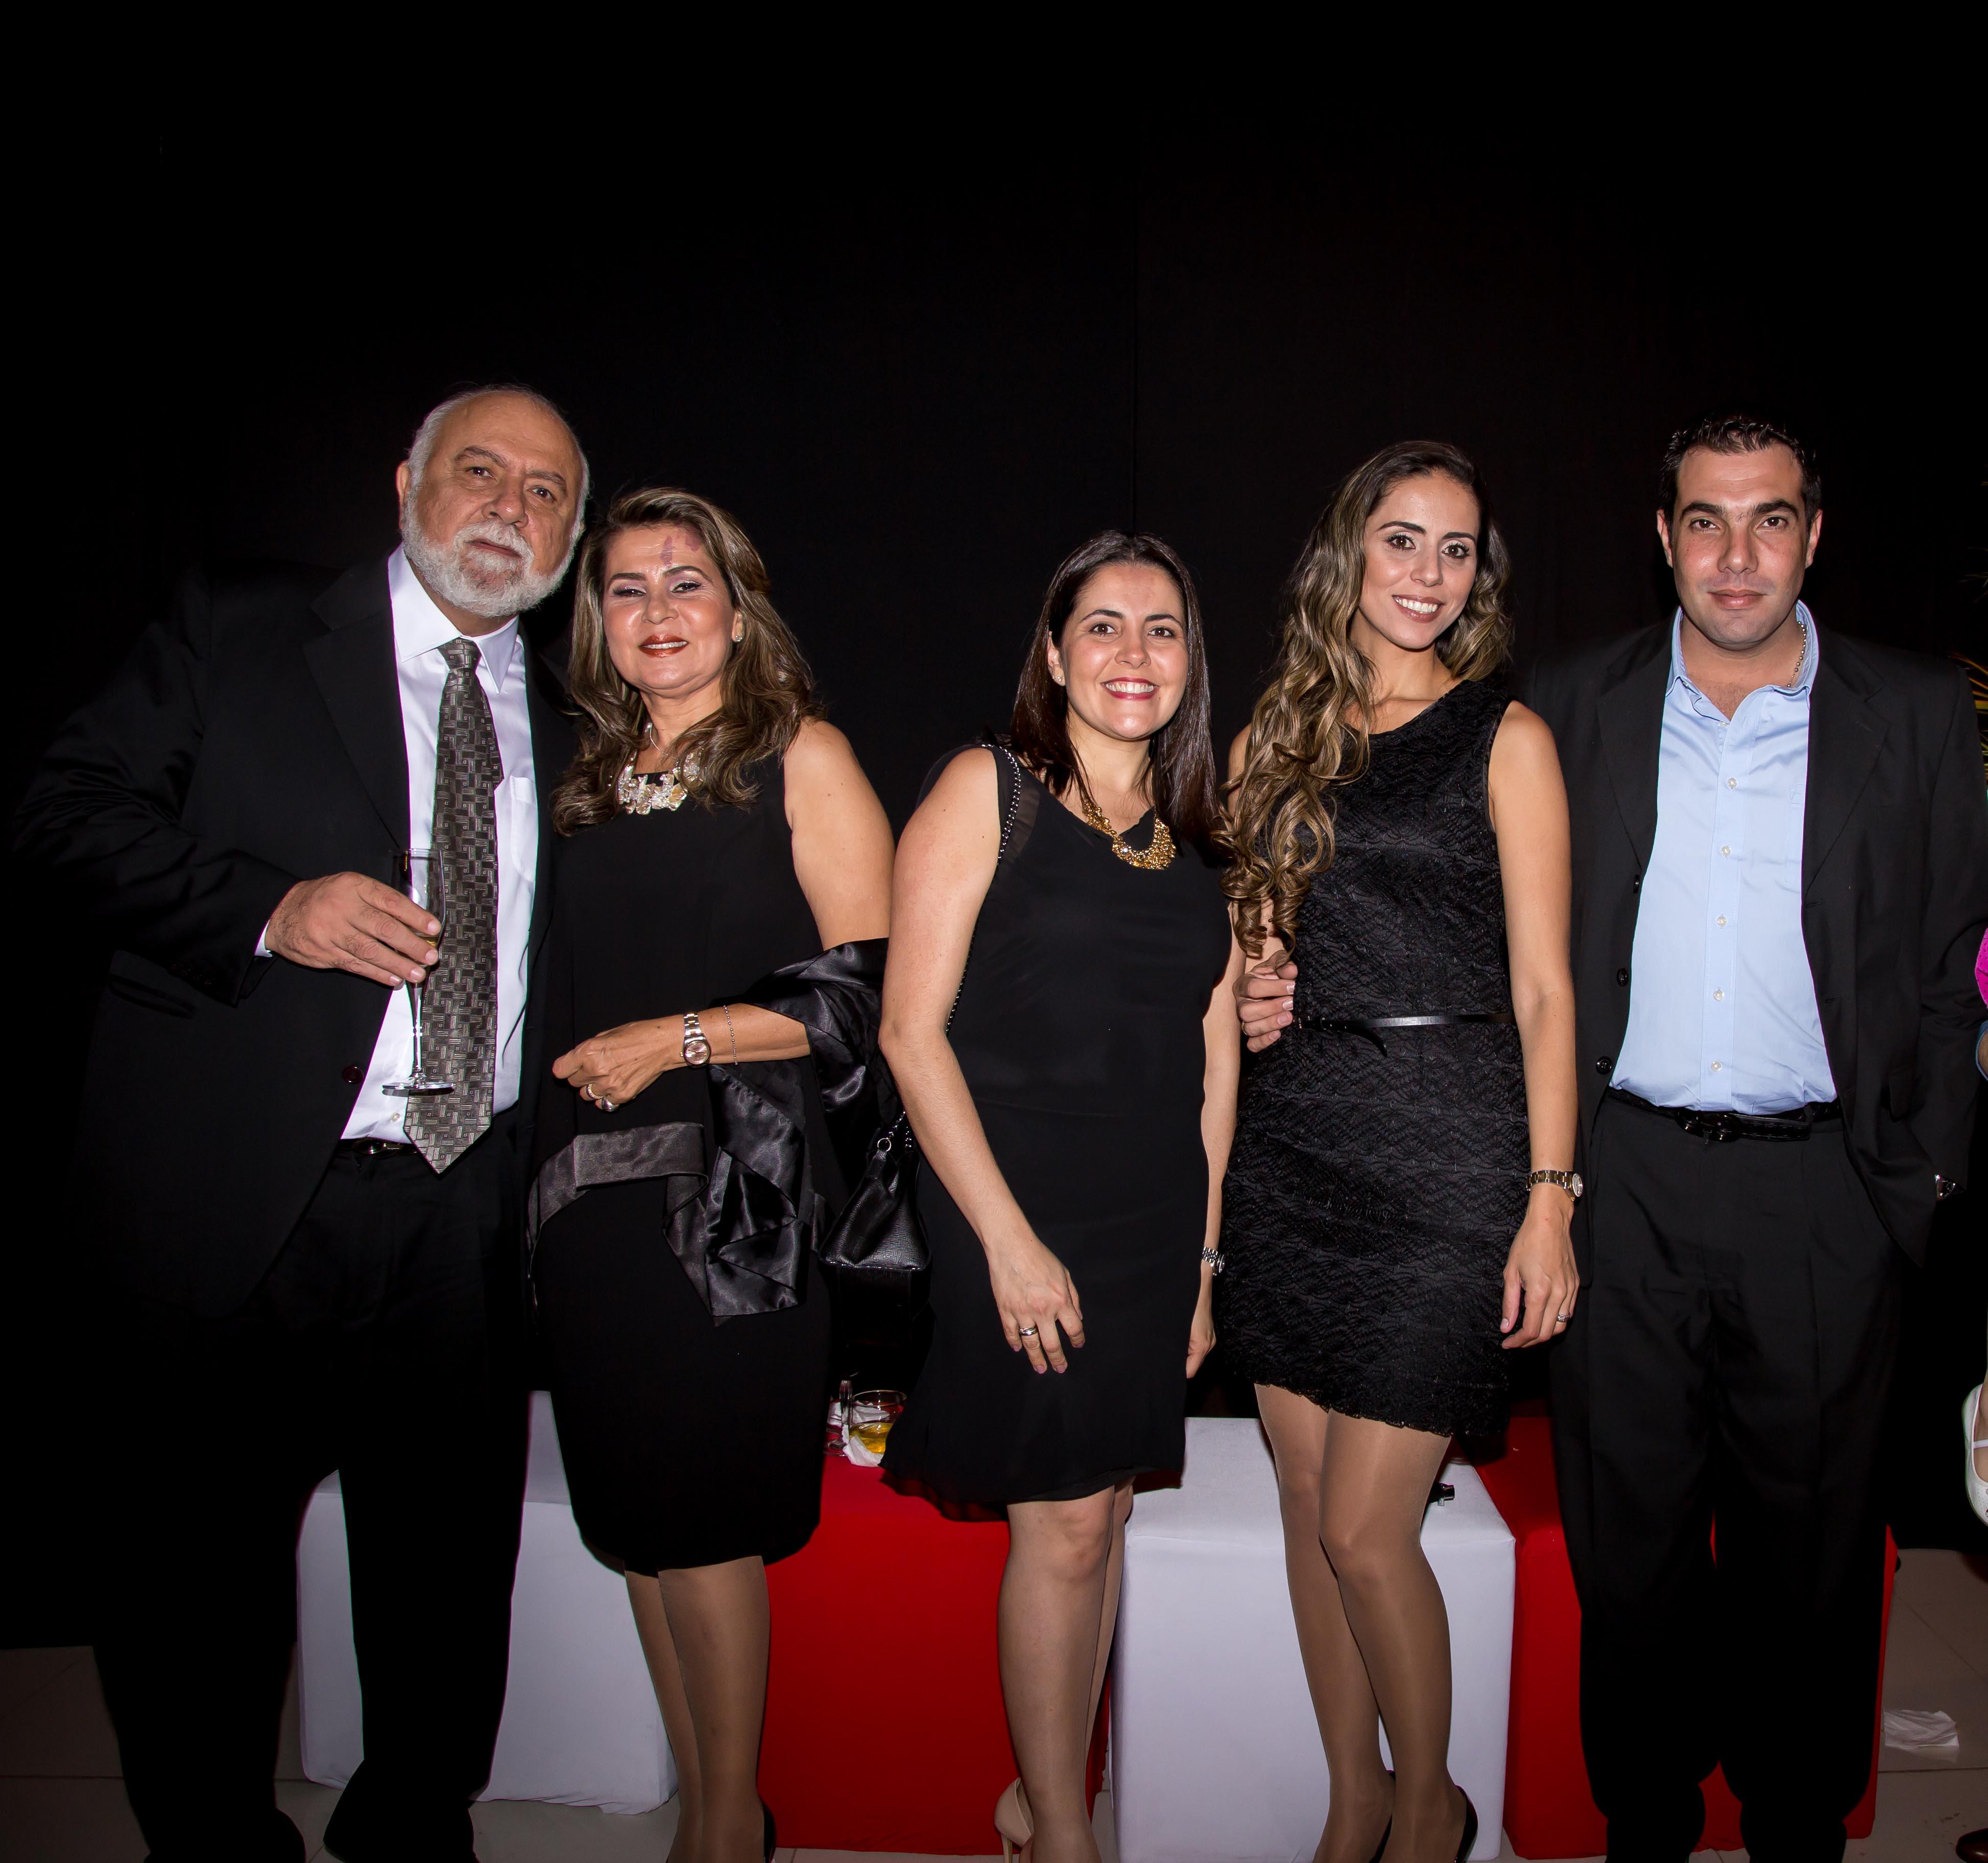 Miguel Majluf, Janiffe Tovías de Majluf, Patricia Marquez, Mayivi Majluf y Javier Salek.